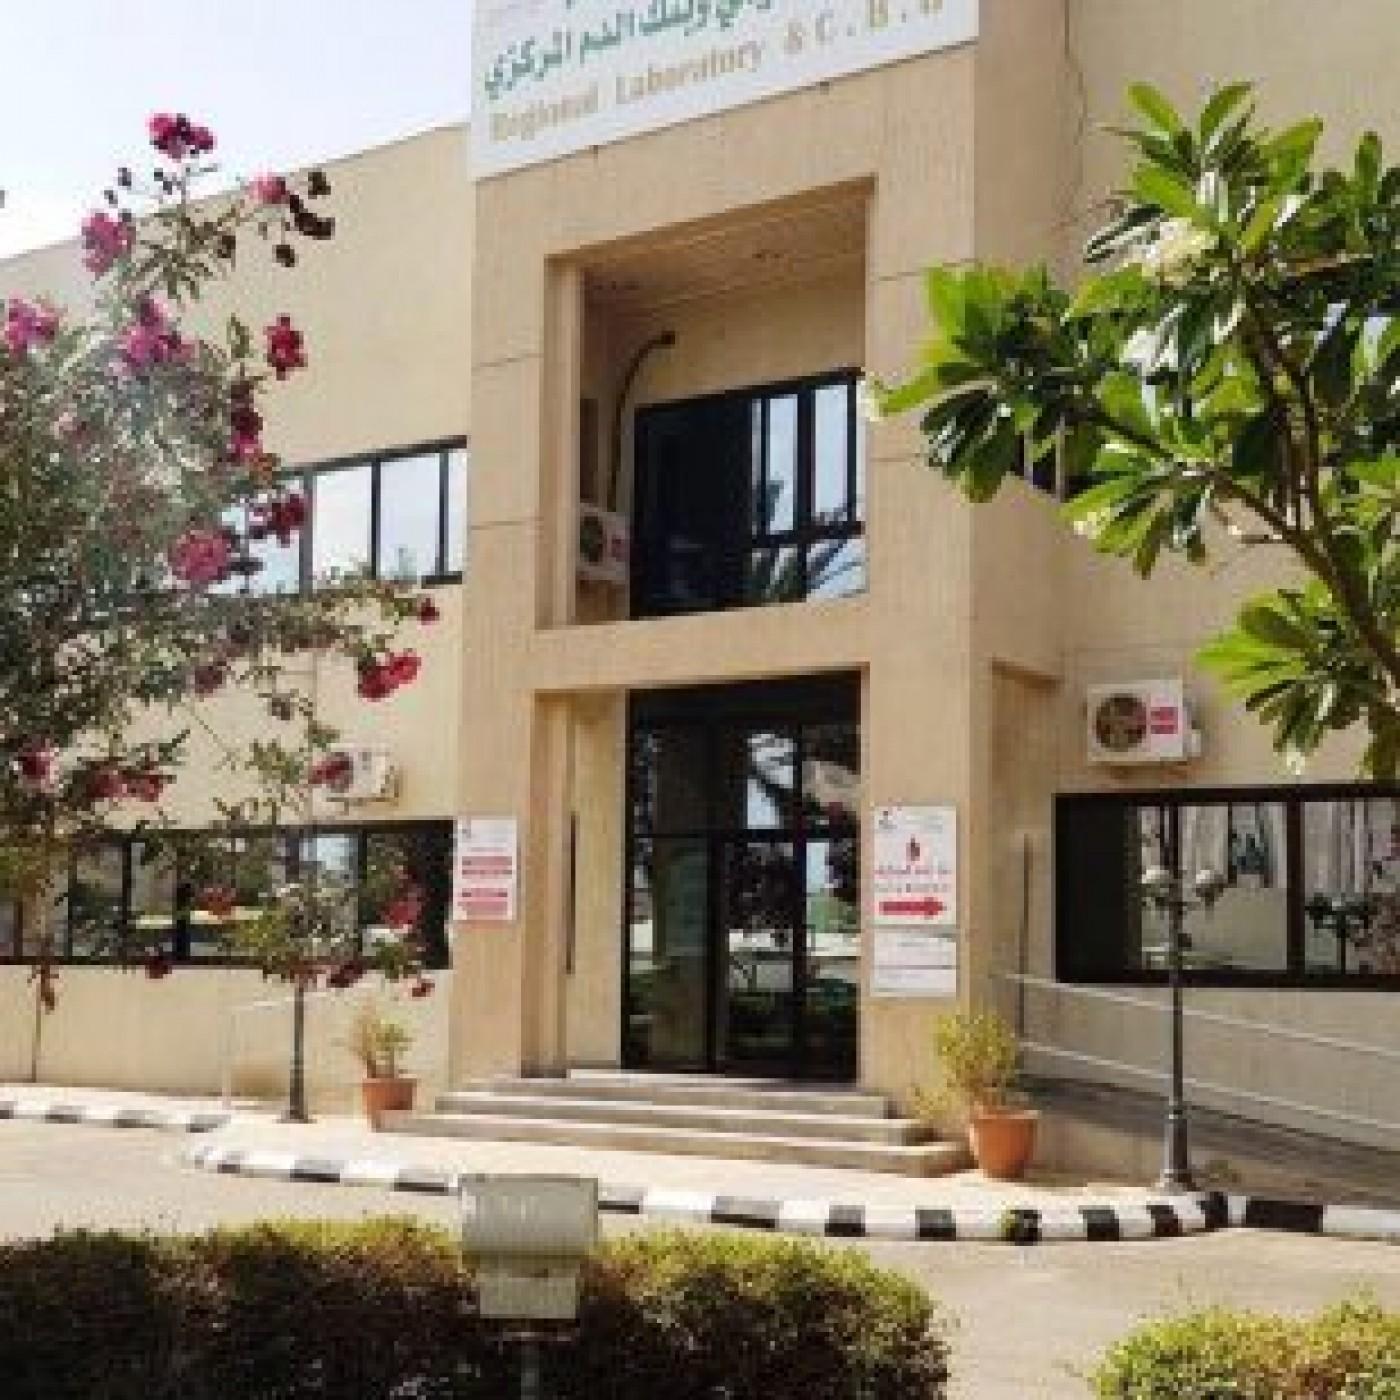 إجراء أكثر من 143 ألف فحص مخبري في المختبر الإقليمي بنجران صحيفة المشهد الإخبارية